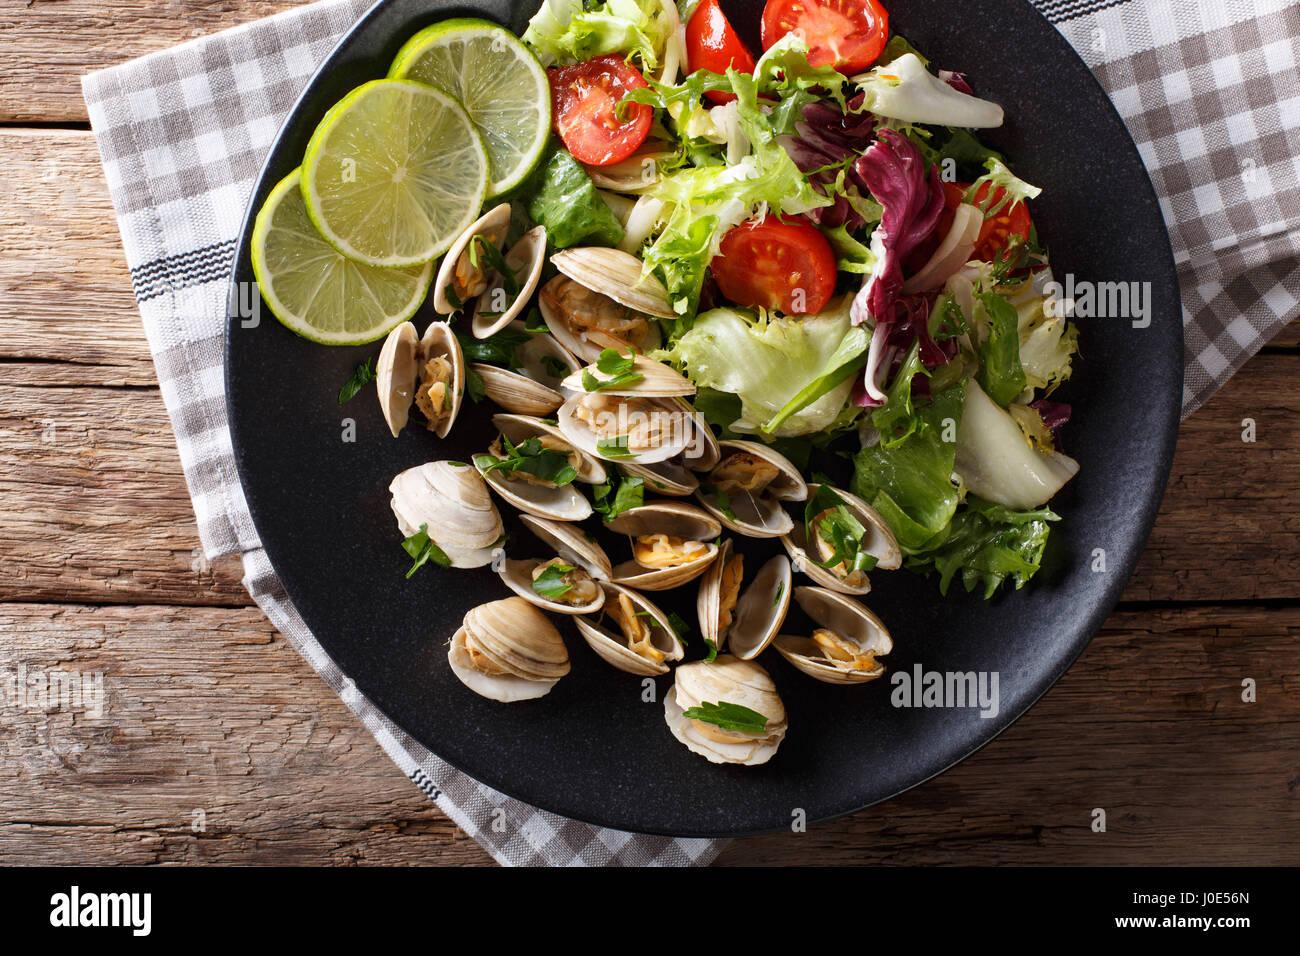 Delicatessen vongole con calce e insalata di verdure fresche close-up su una piastra. Vista orizzontale dal di sopra Immagini Stock